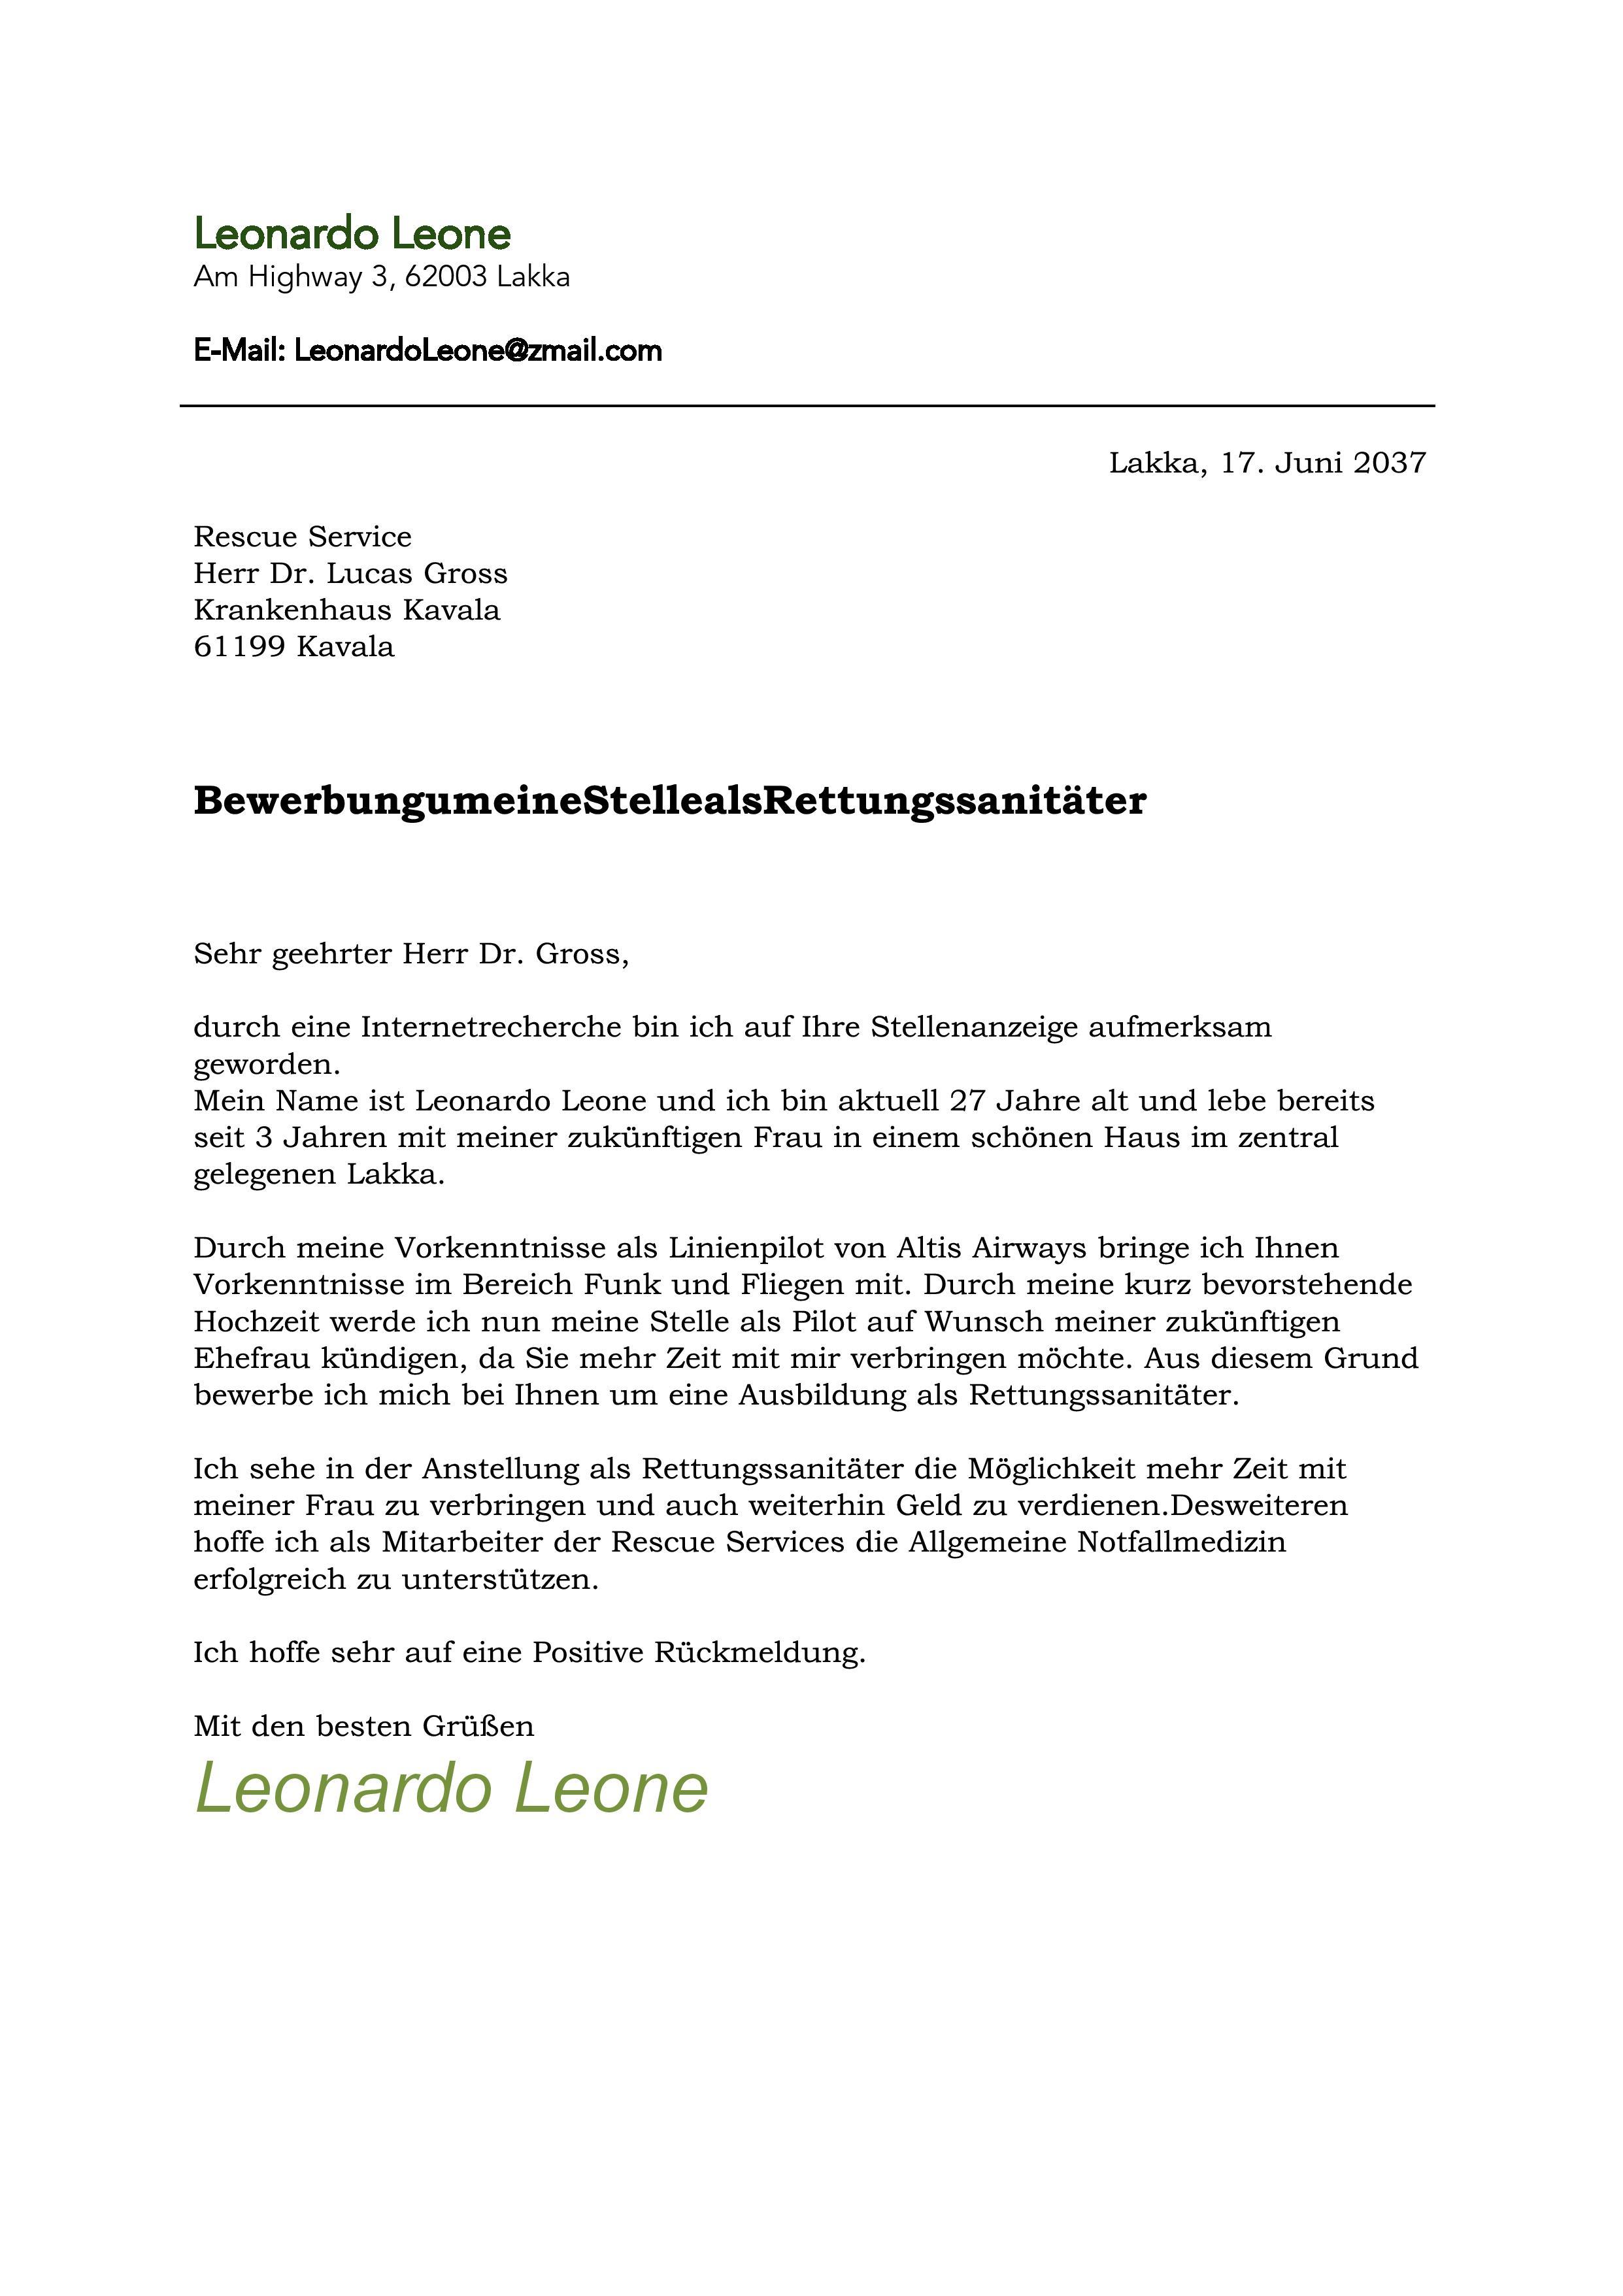 Bewerbung zum Rettungssanitäter Leone - Abgeschlossene ... | {Rettungssanitäter ausbildung 69}